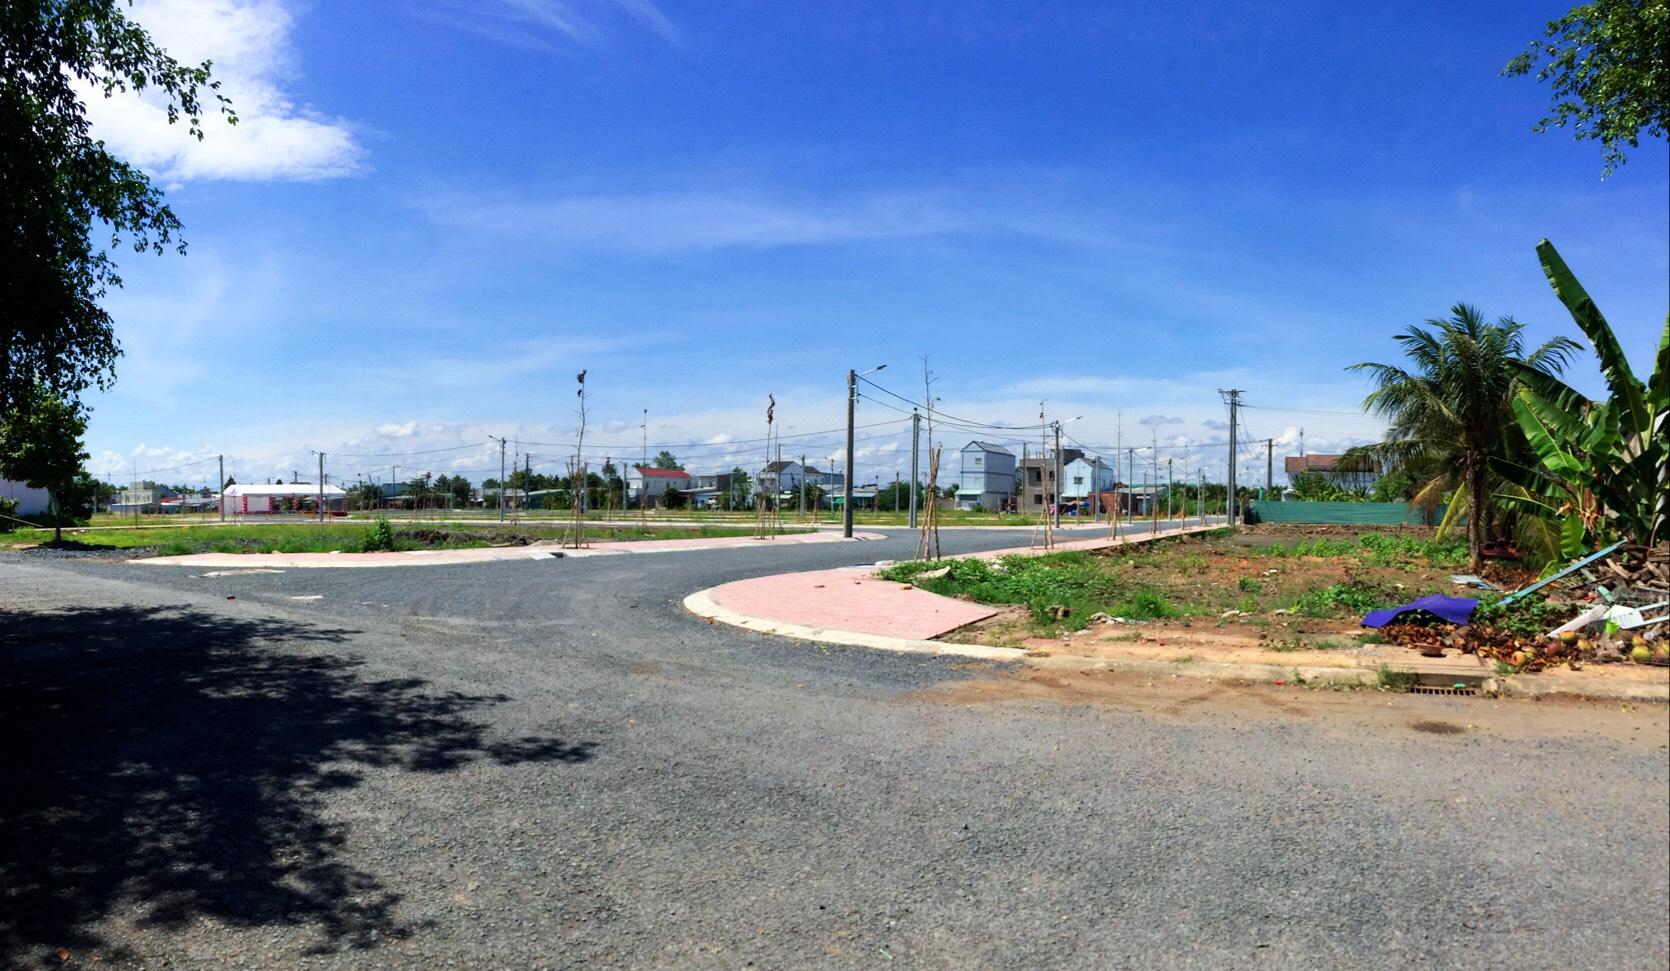 Đất Nền Khu Dân Cư Mới Chợ Phường 9 TP Vĩnh Long